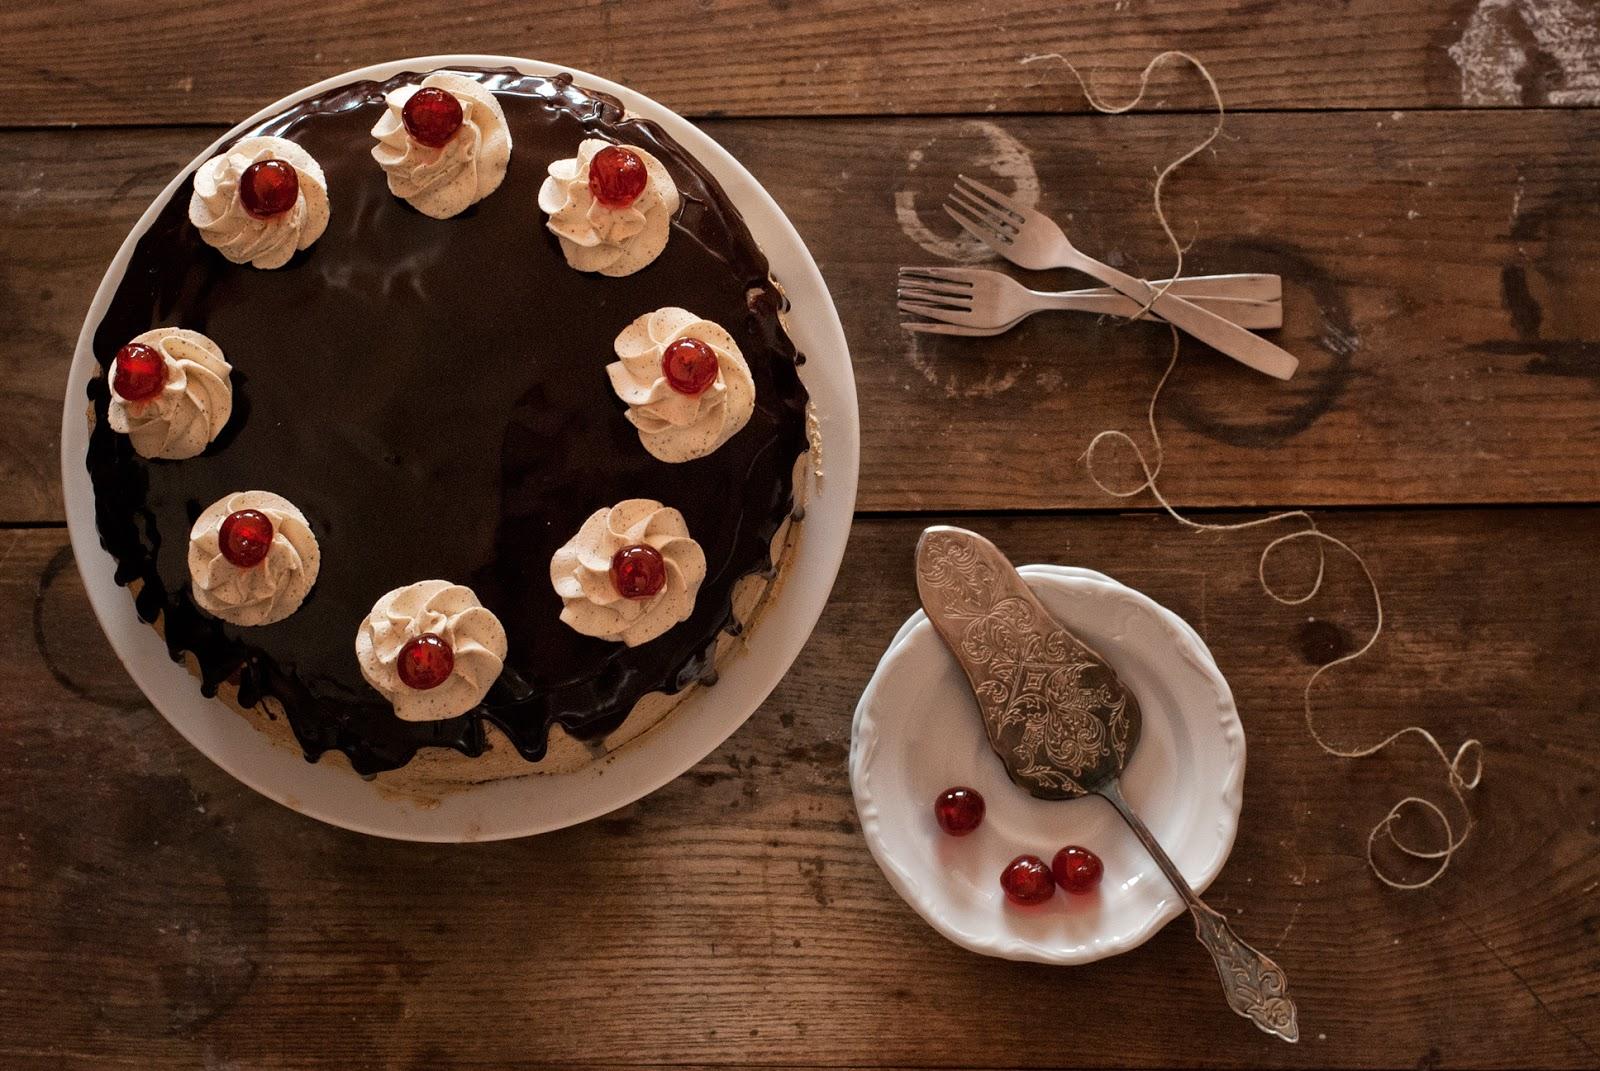 Tradycyjny tort czekoladowy z wiśniami